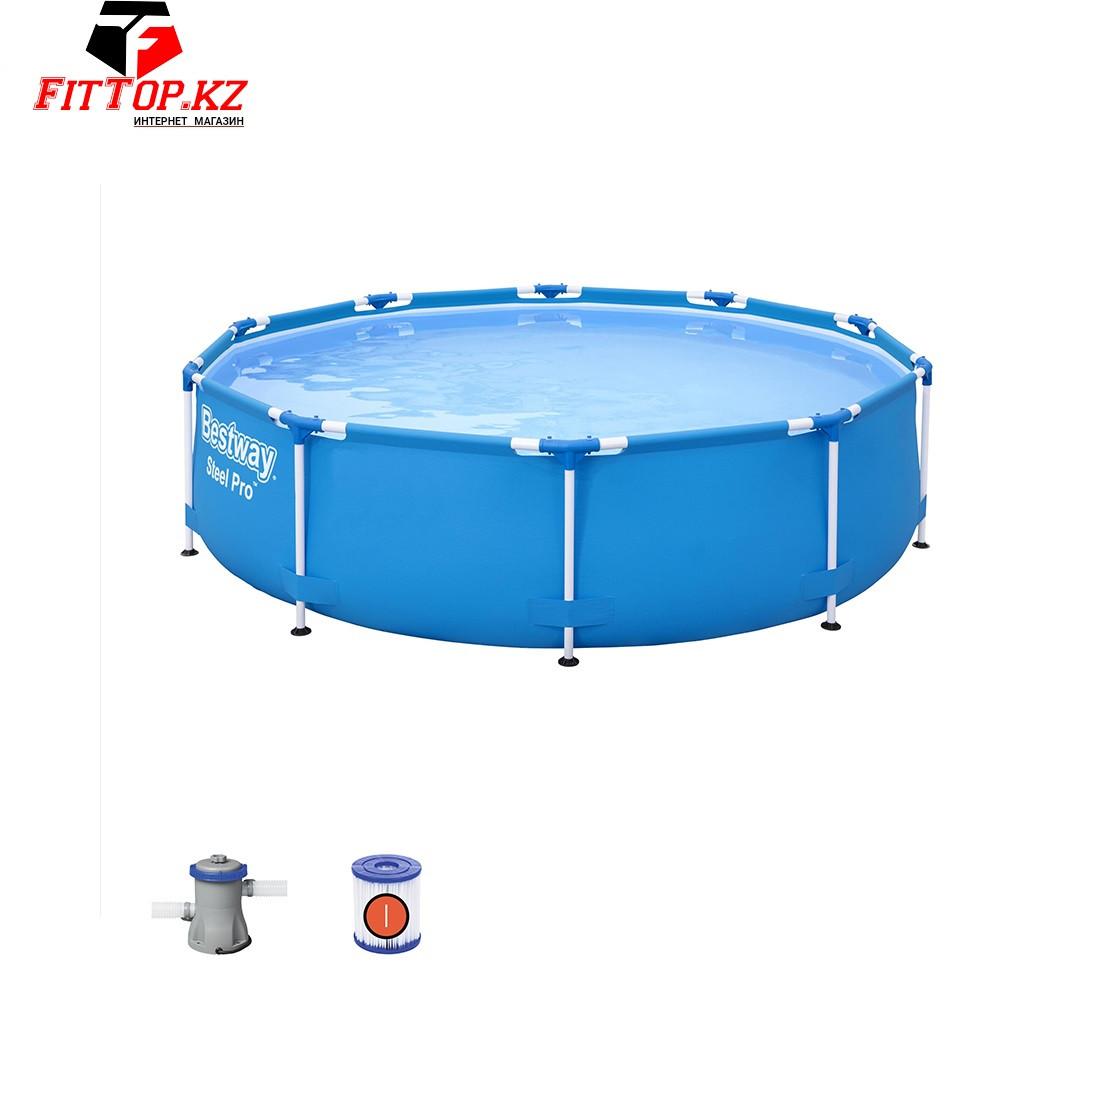 Каркасный бассейн Steel Pro 305 х 76 см, BESTWAY, 56679, Винил, 4678 л